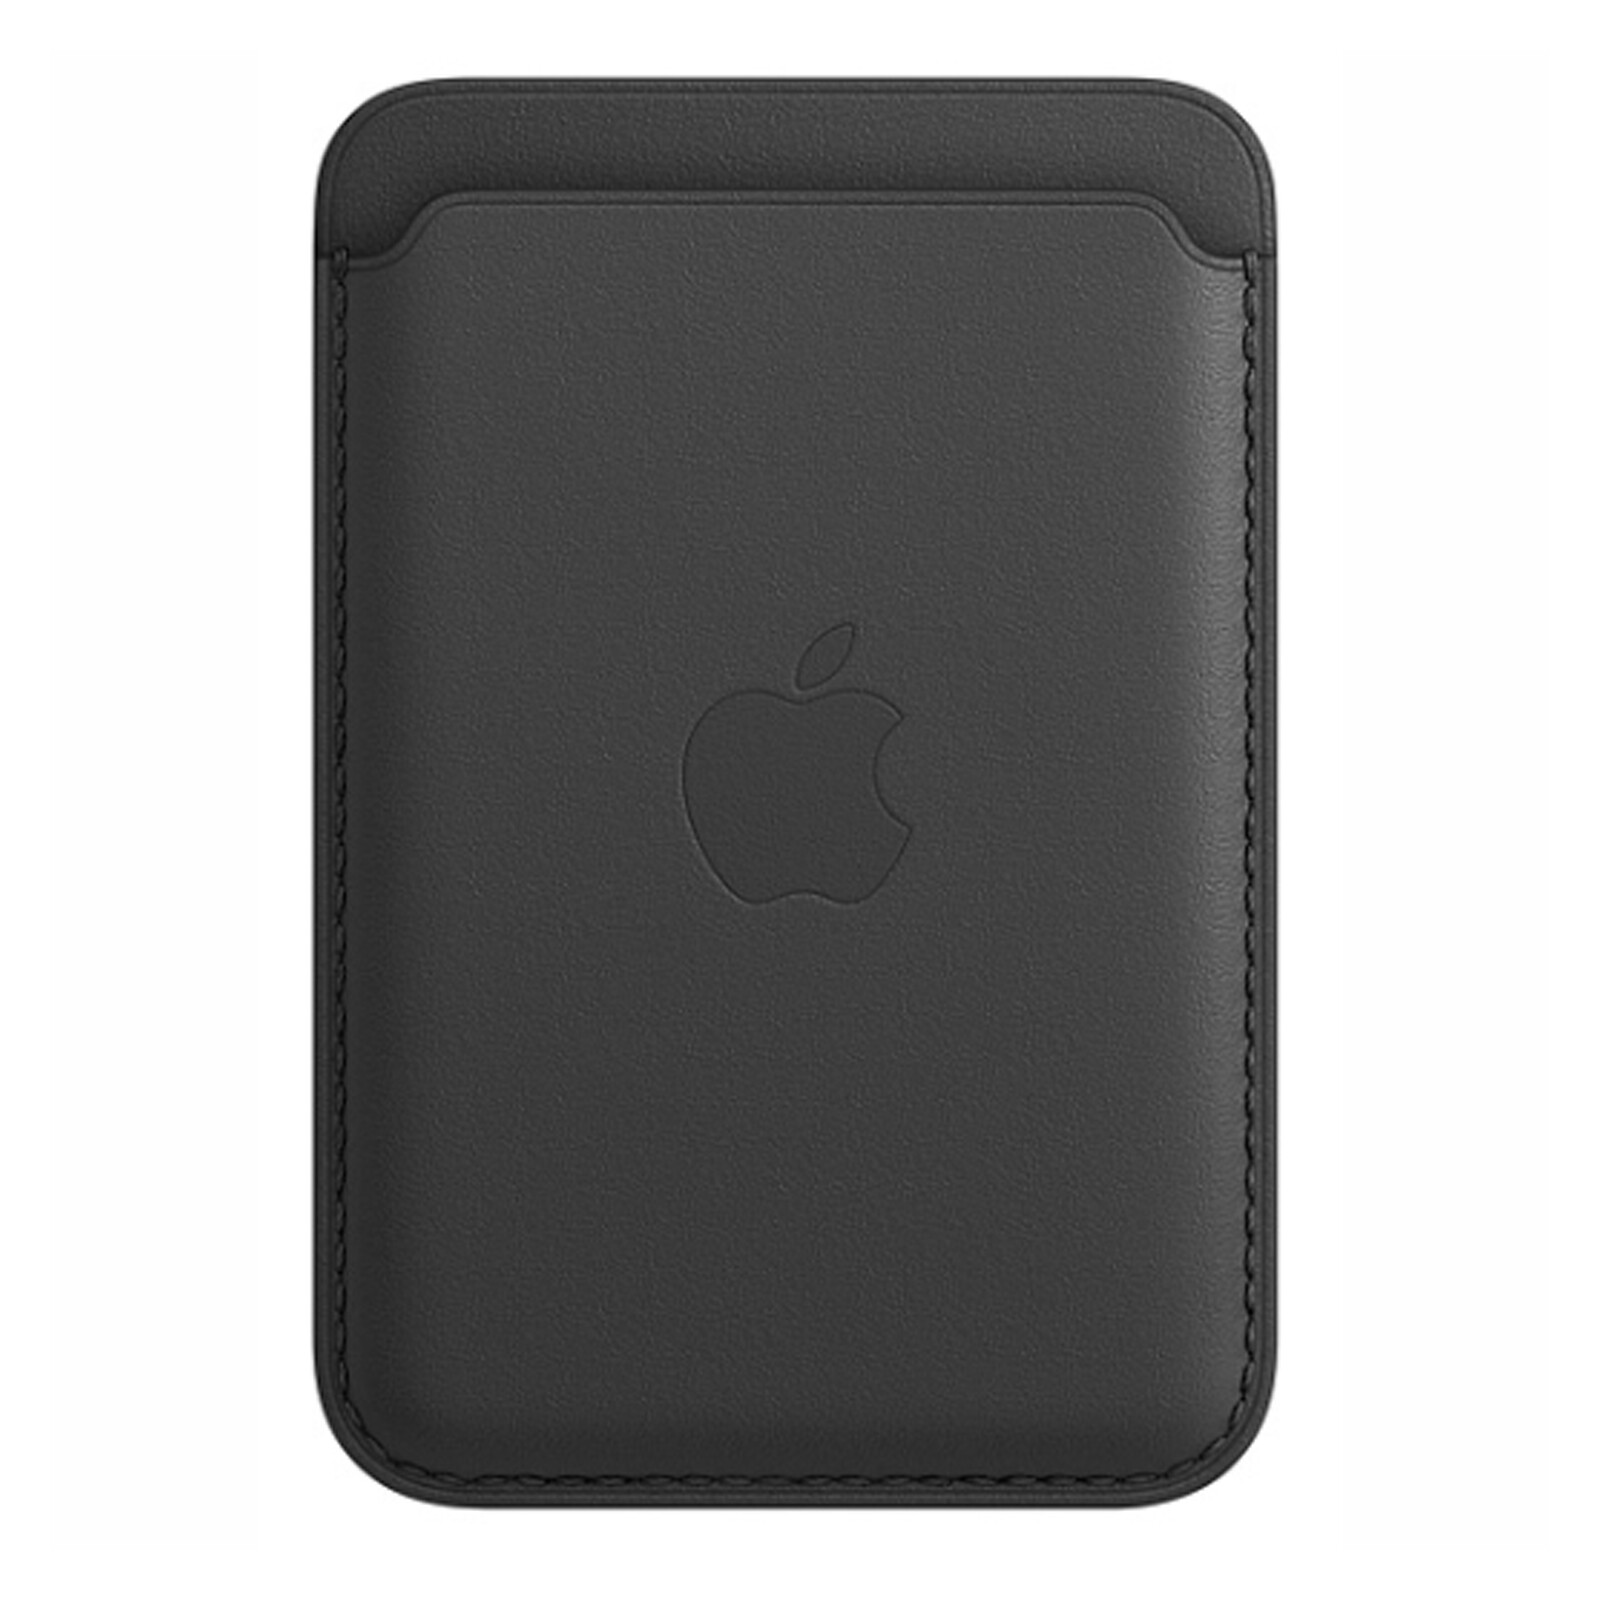 Apple iPhone Leder Wallet mit MagSafe schwarz